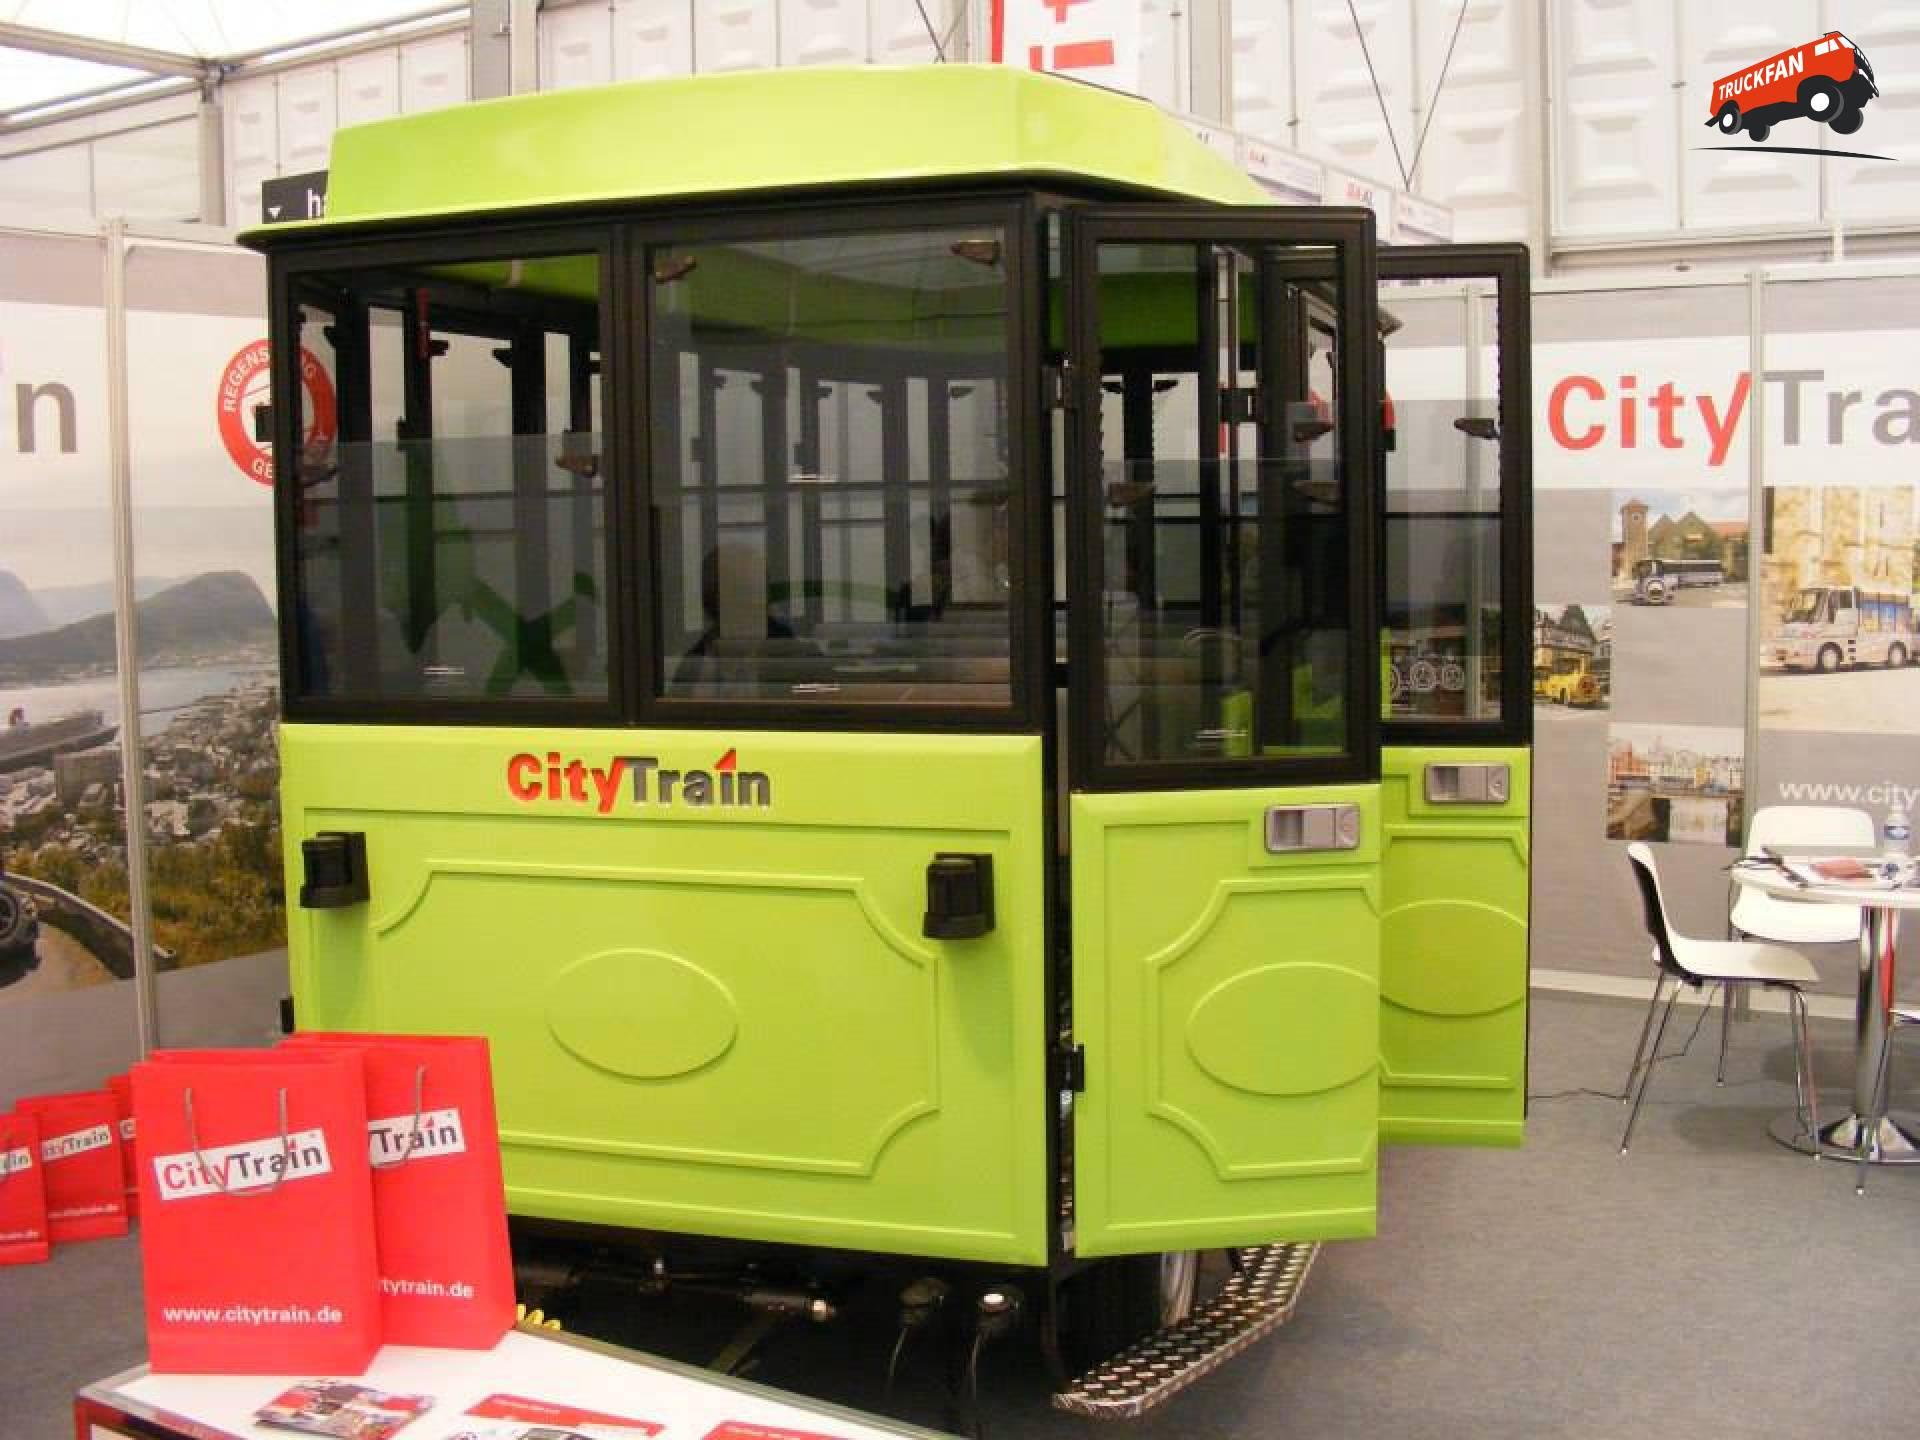 CityTrain toeristentreintje